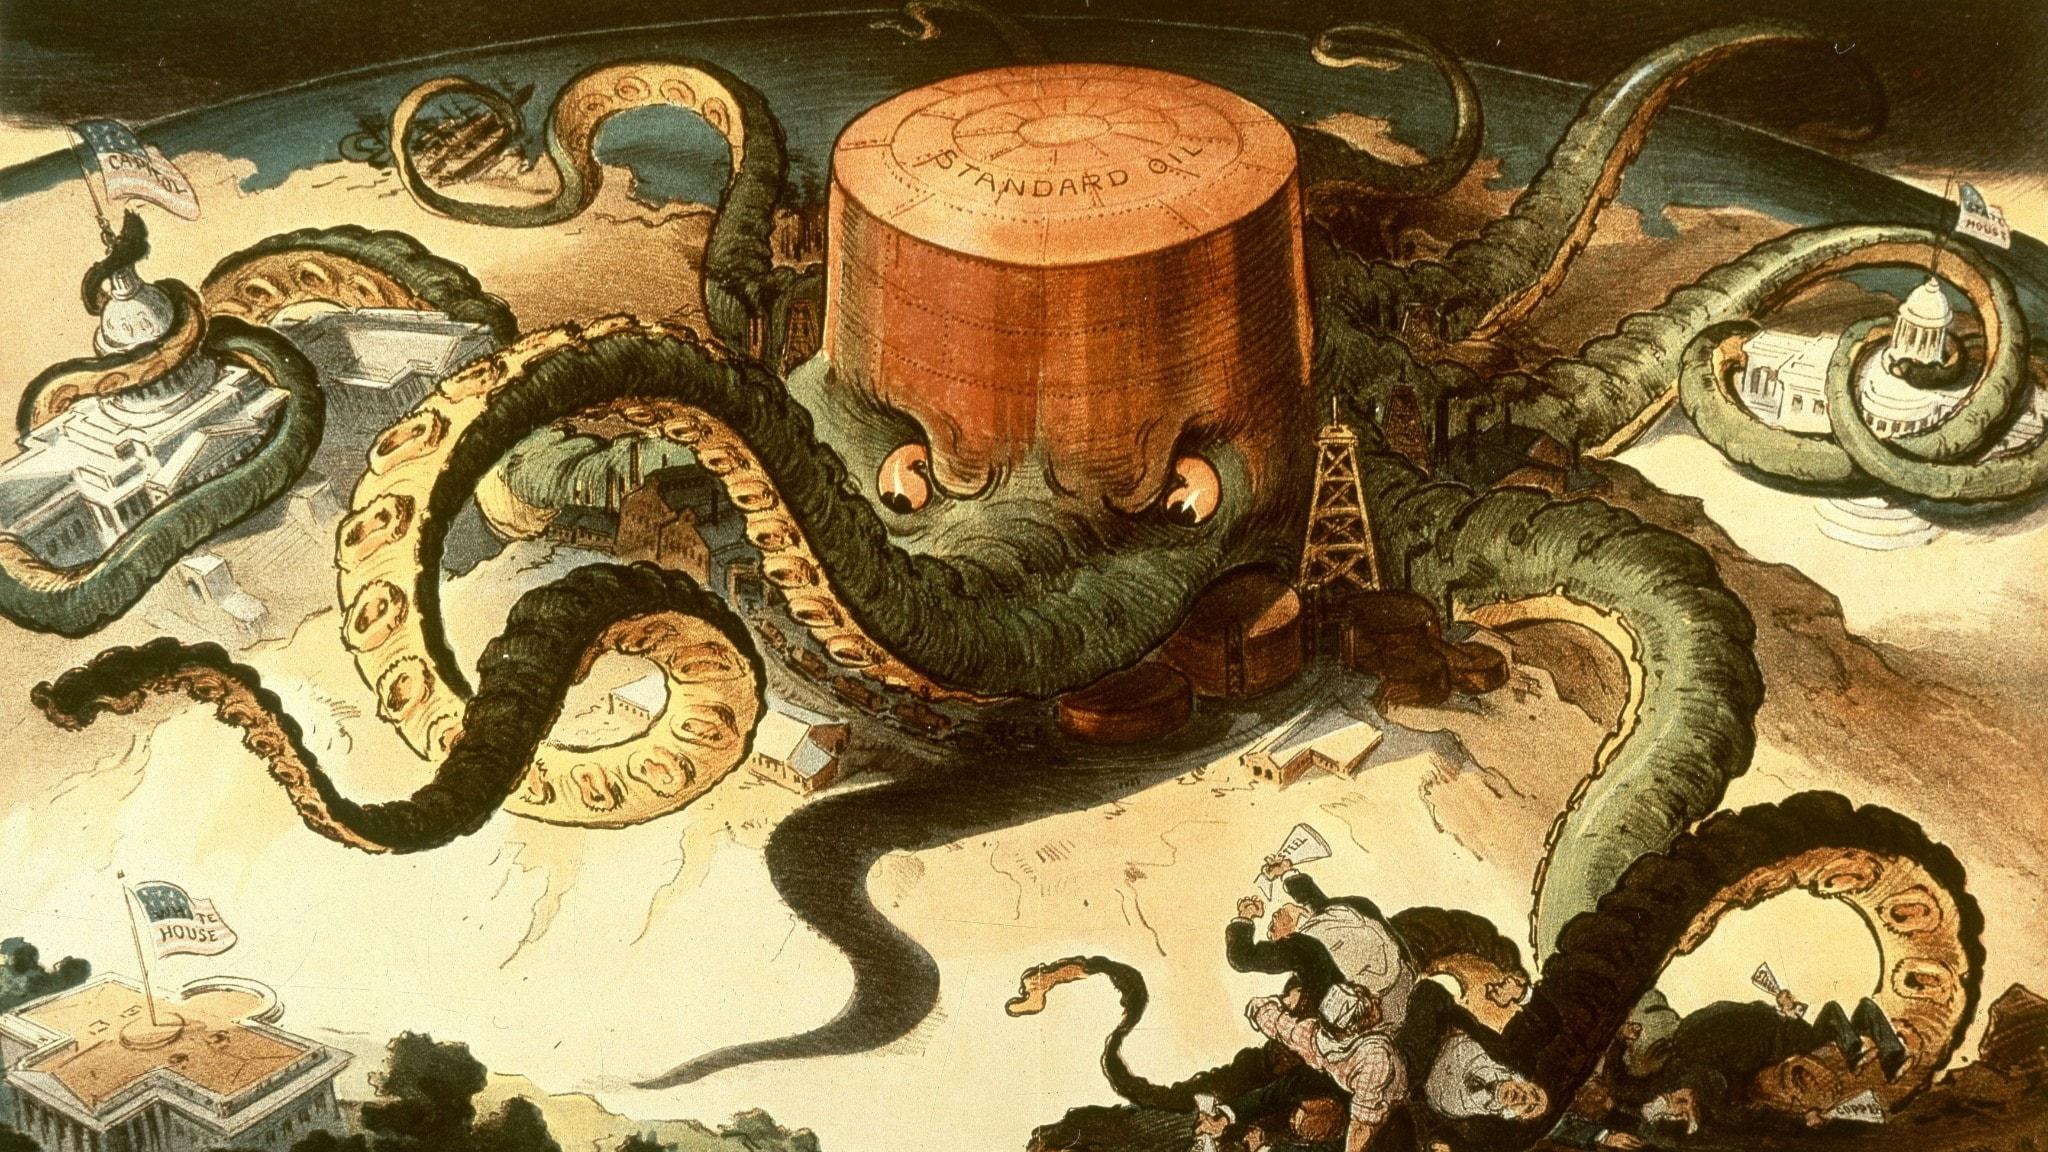 Rockefellers Standard Oil – olja, makt och rikedom